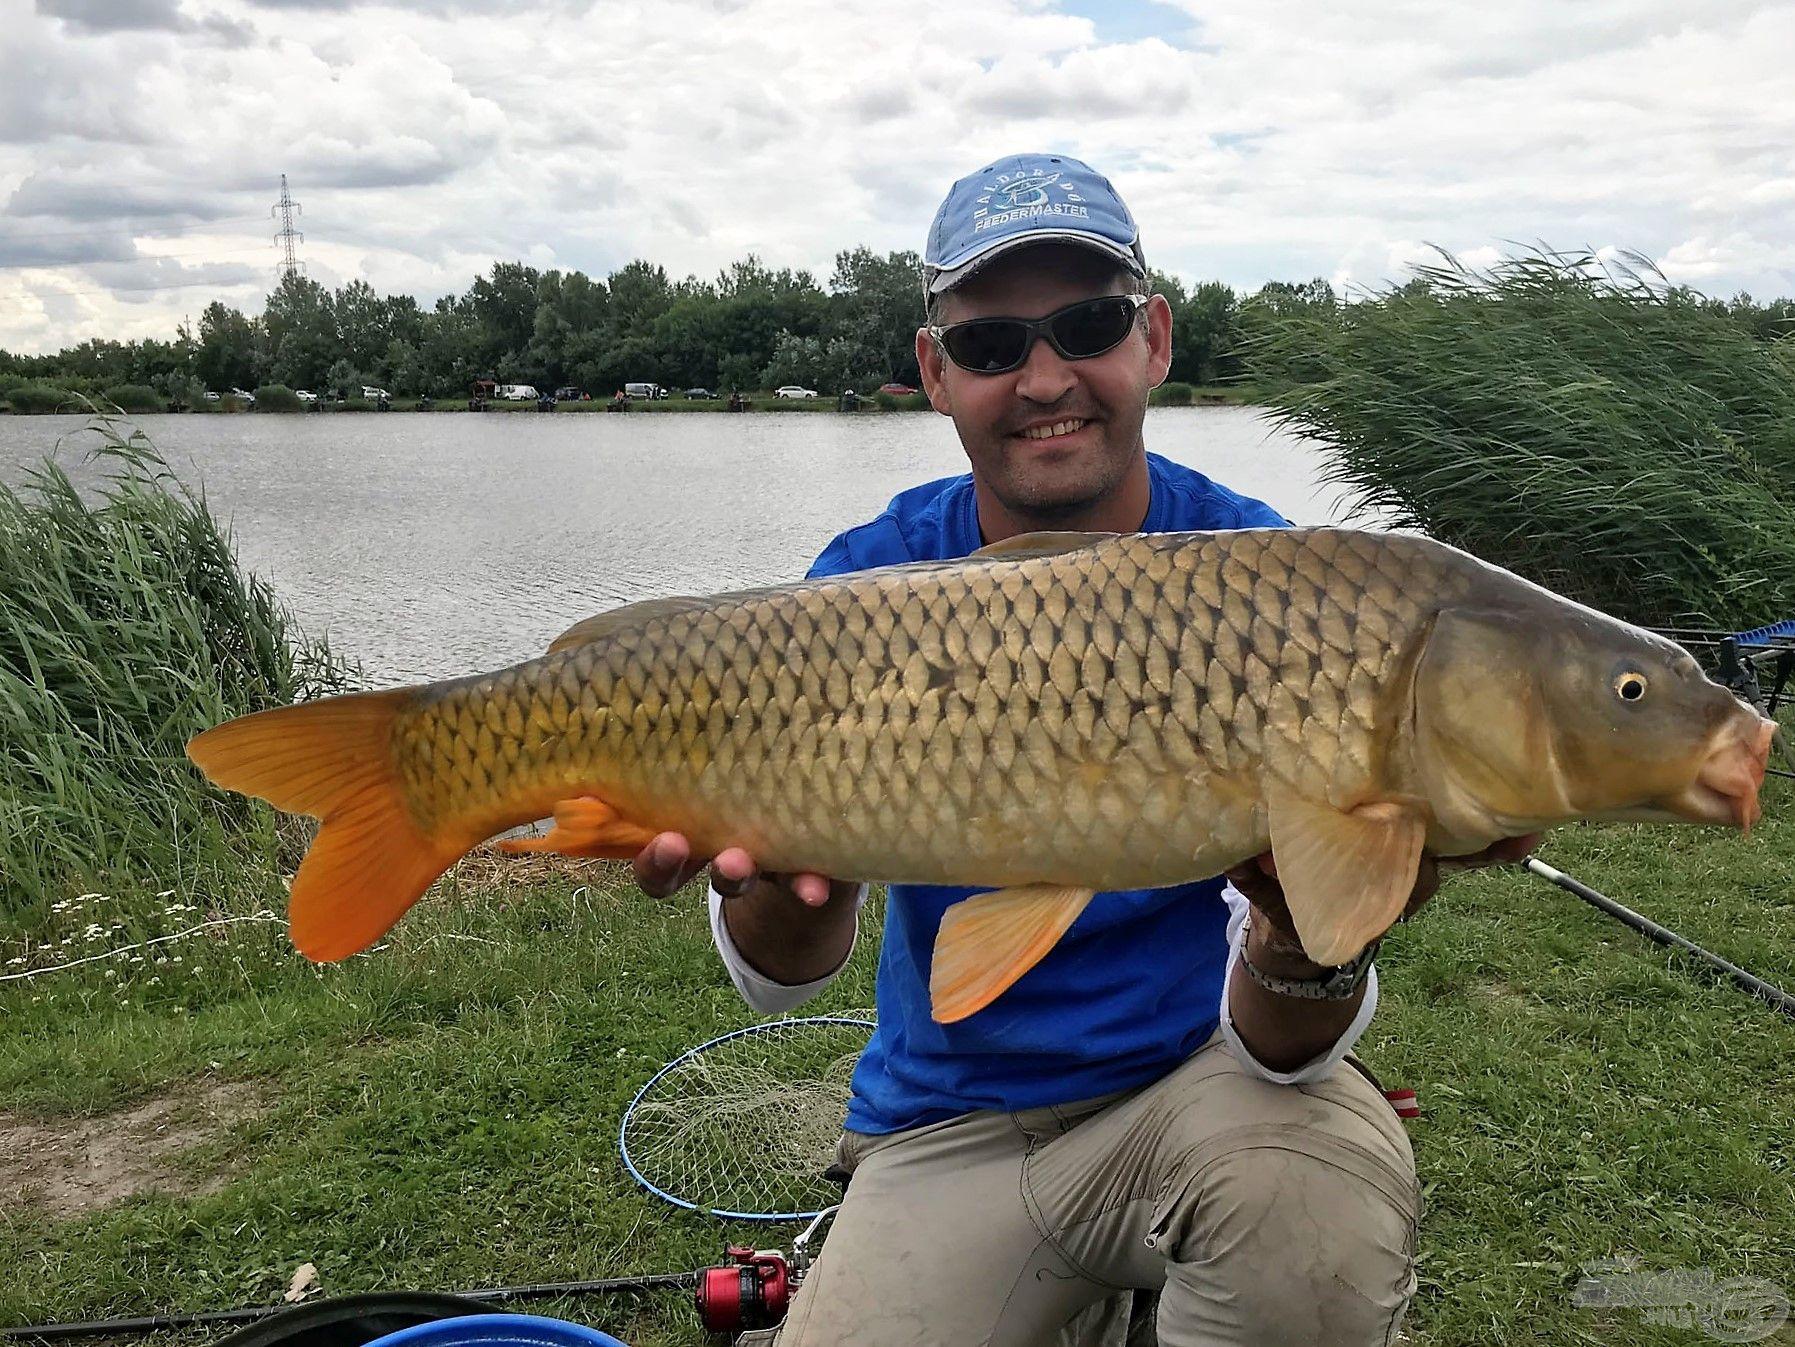 Minden 5 kilósnál nagyobb halat azonnal mérlegelni kell és utána visszahelyezni a tóba! Ez minden itt rendezett versenyen előírás!